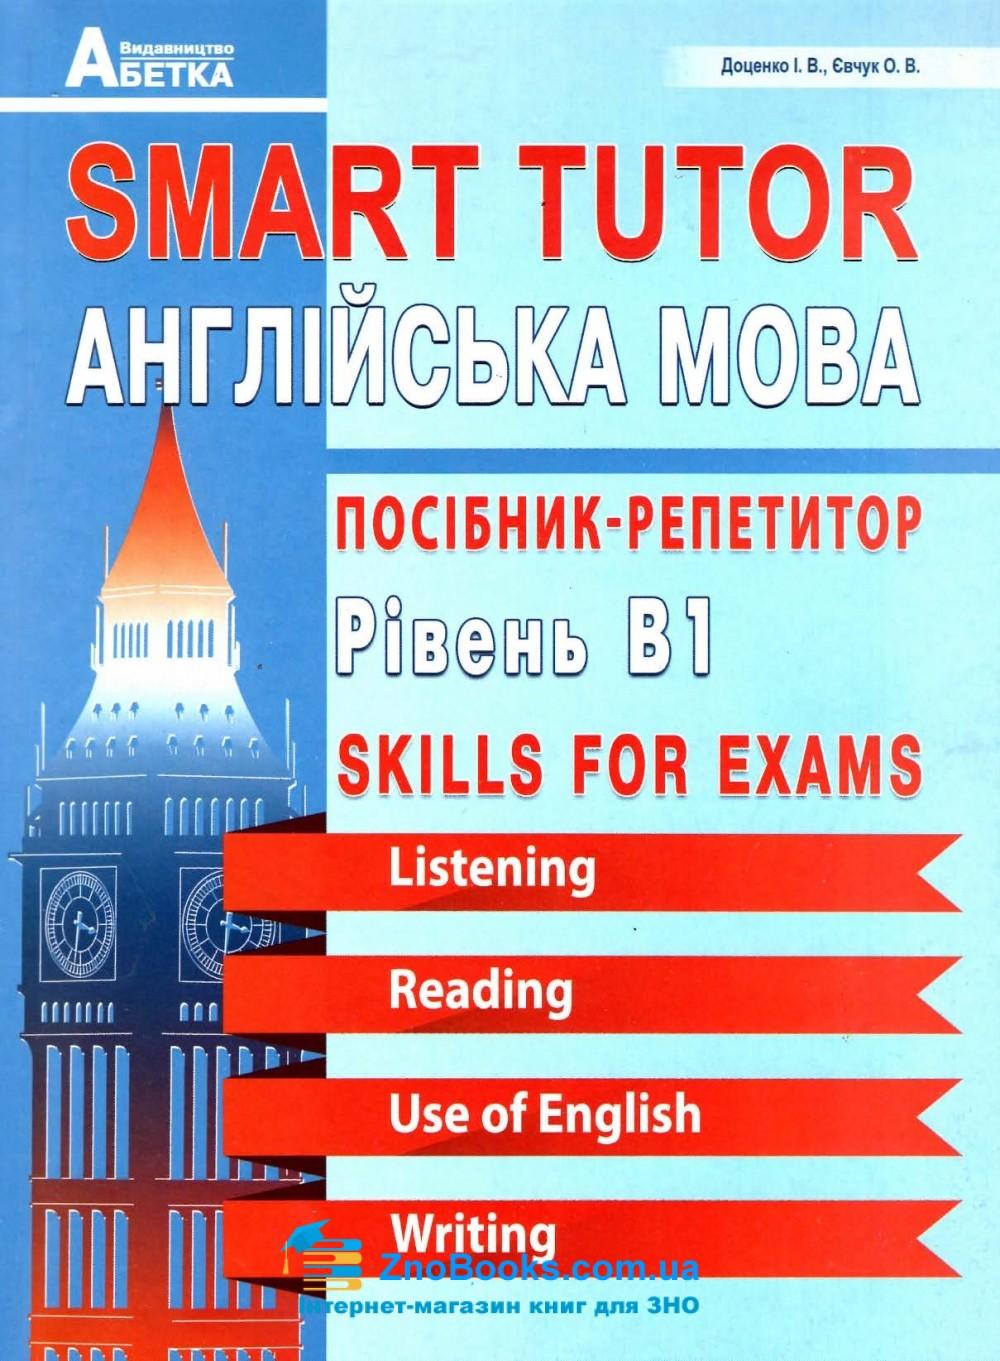 Smart Tutor. Англійська мова. Посібник-репетитор. Рівень В1. Доценко І. В., Євчук О. В.  0